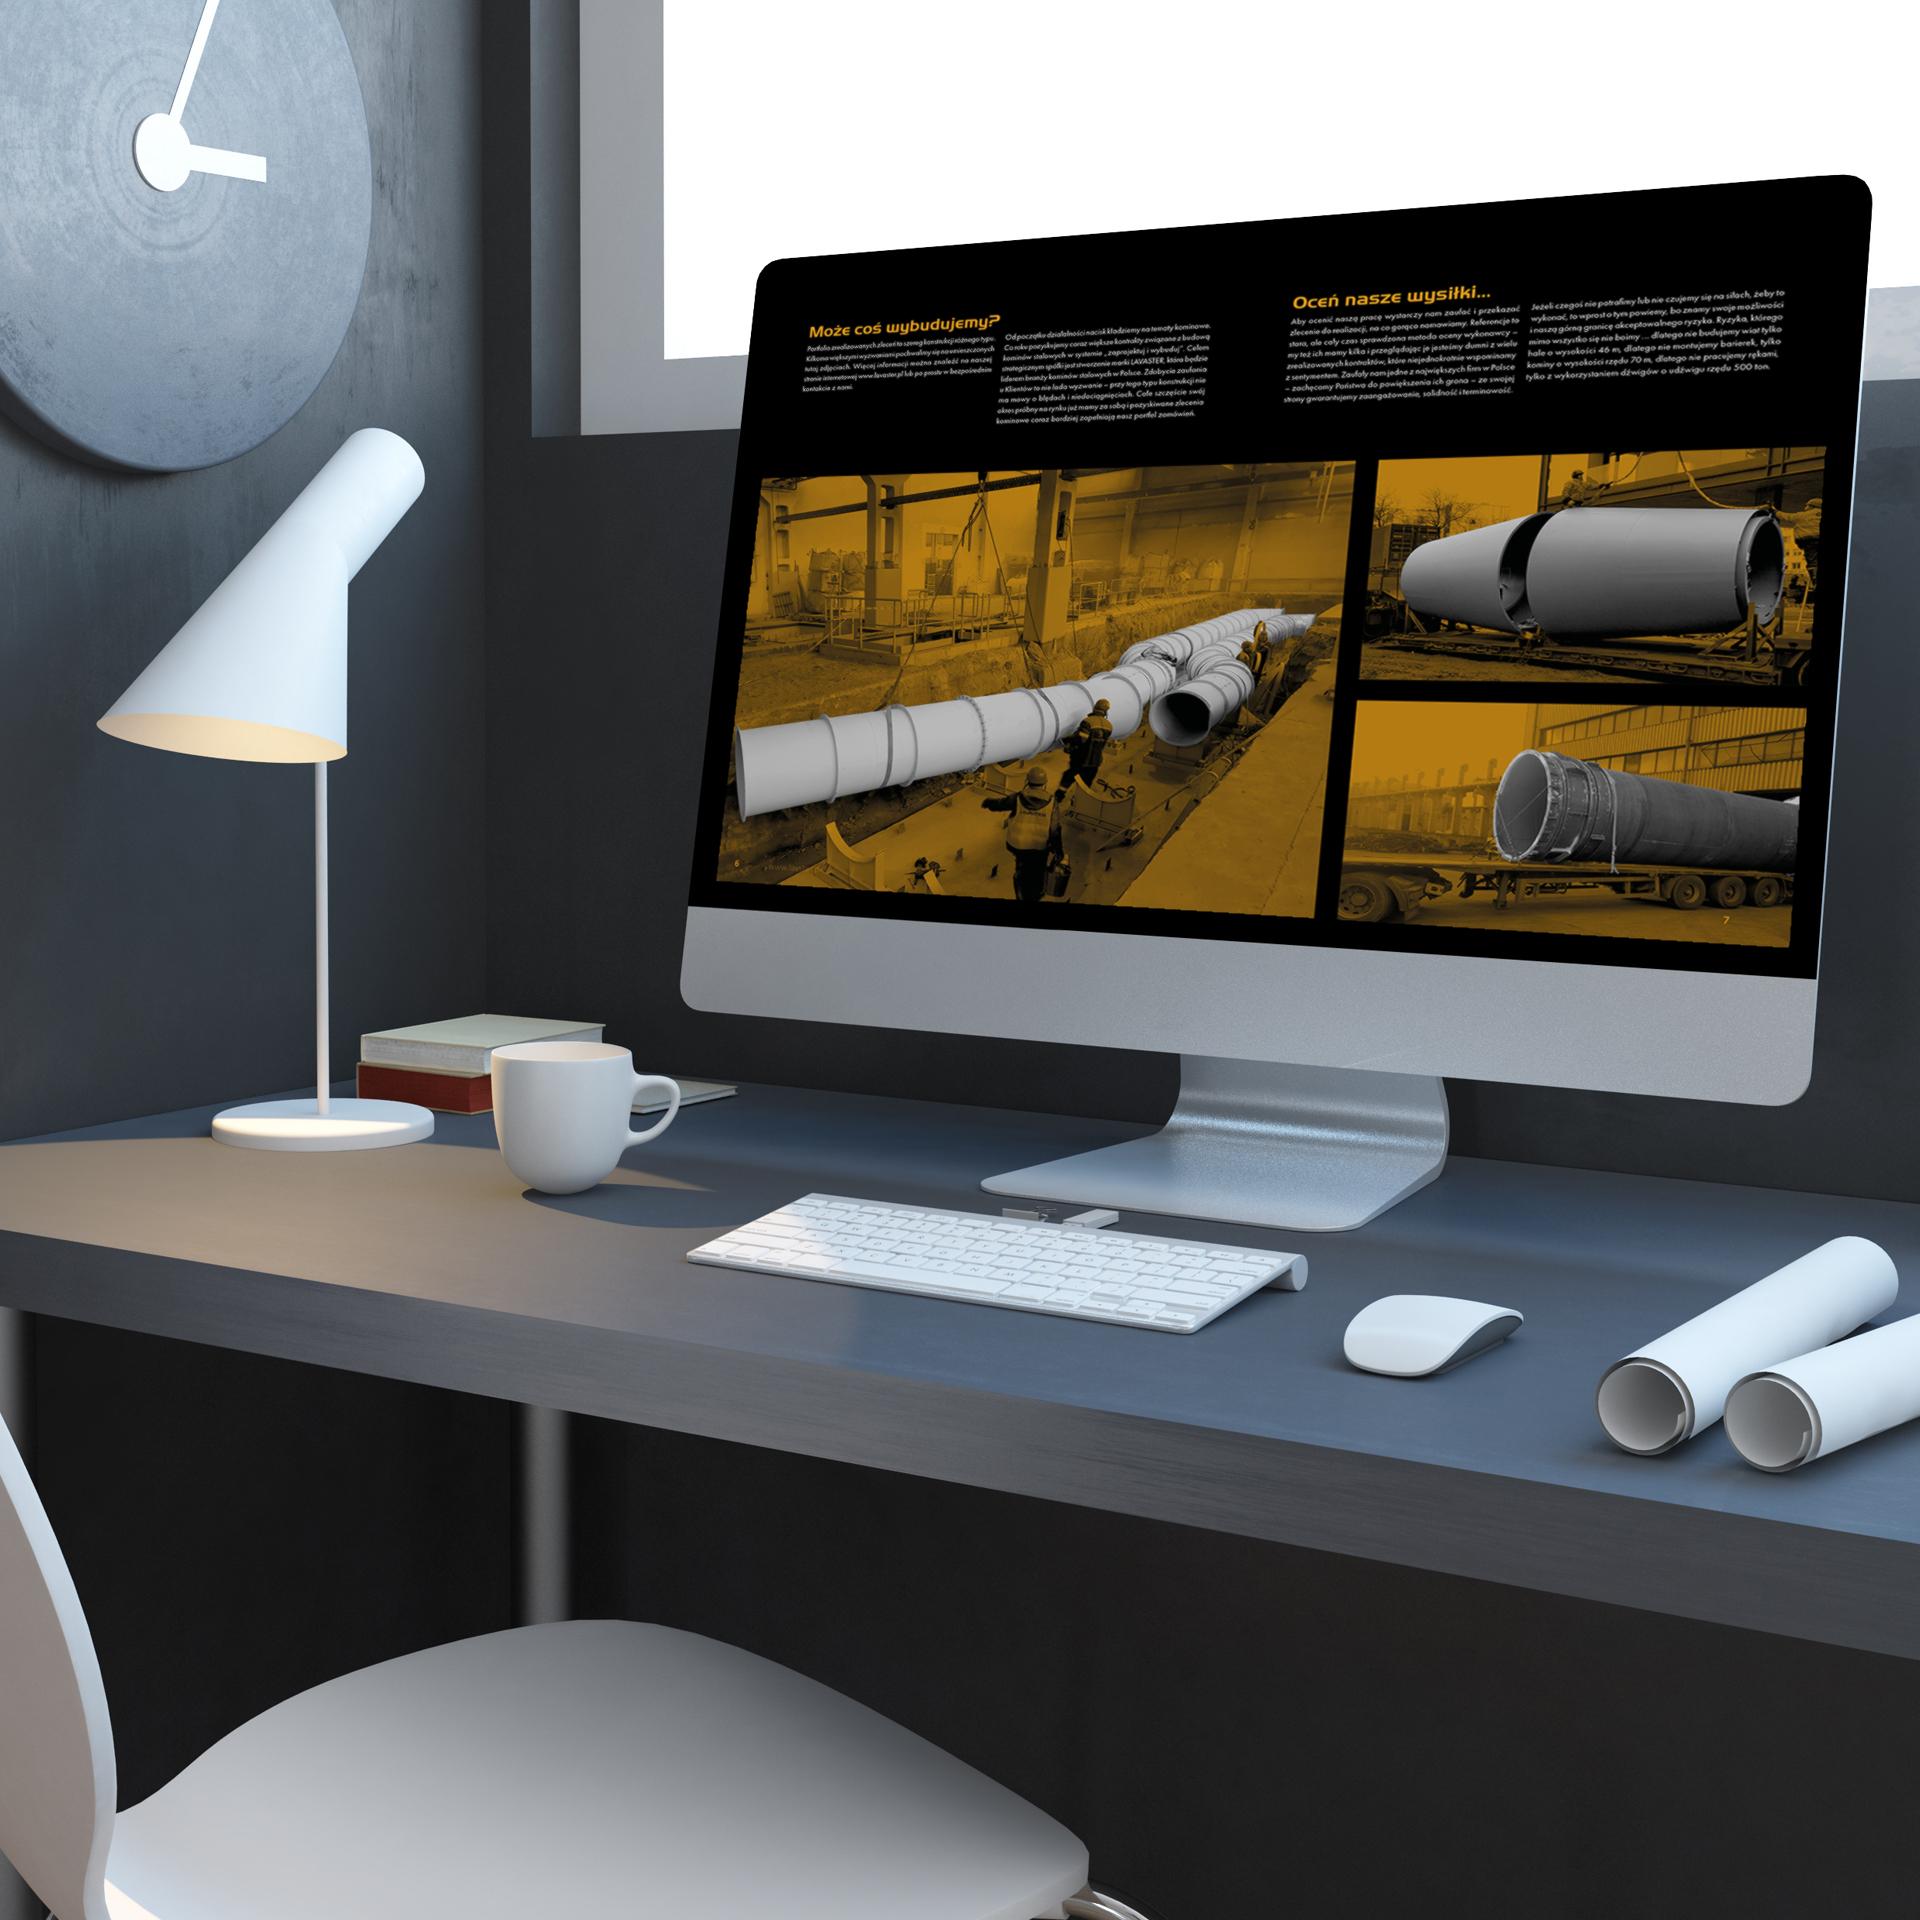 Komputer z wyświetlonym katalogiem firmy Lavaster